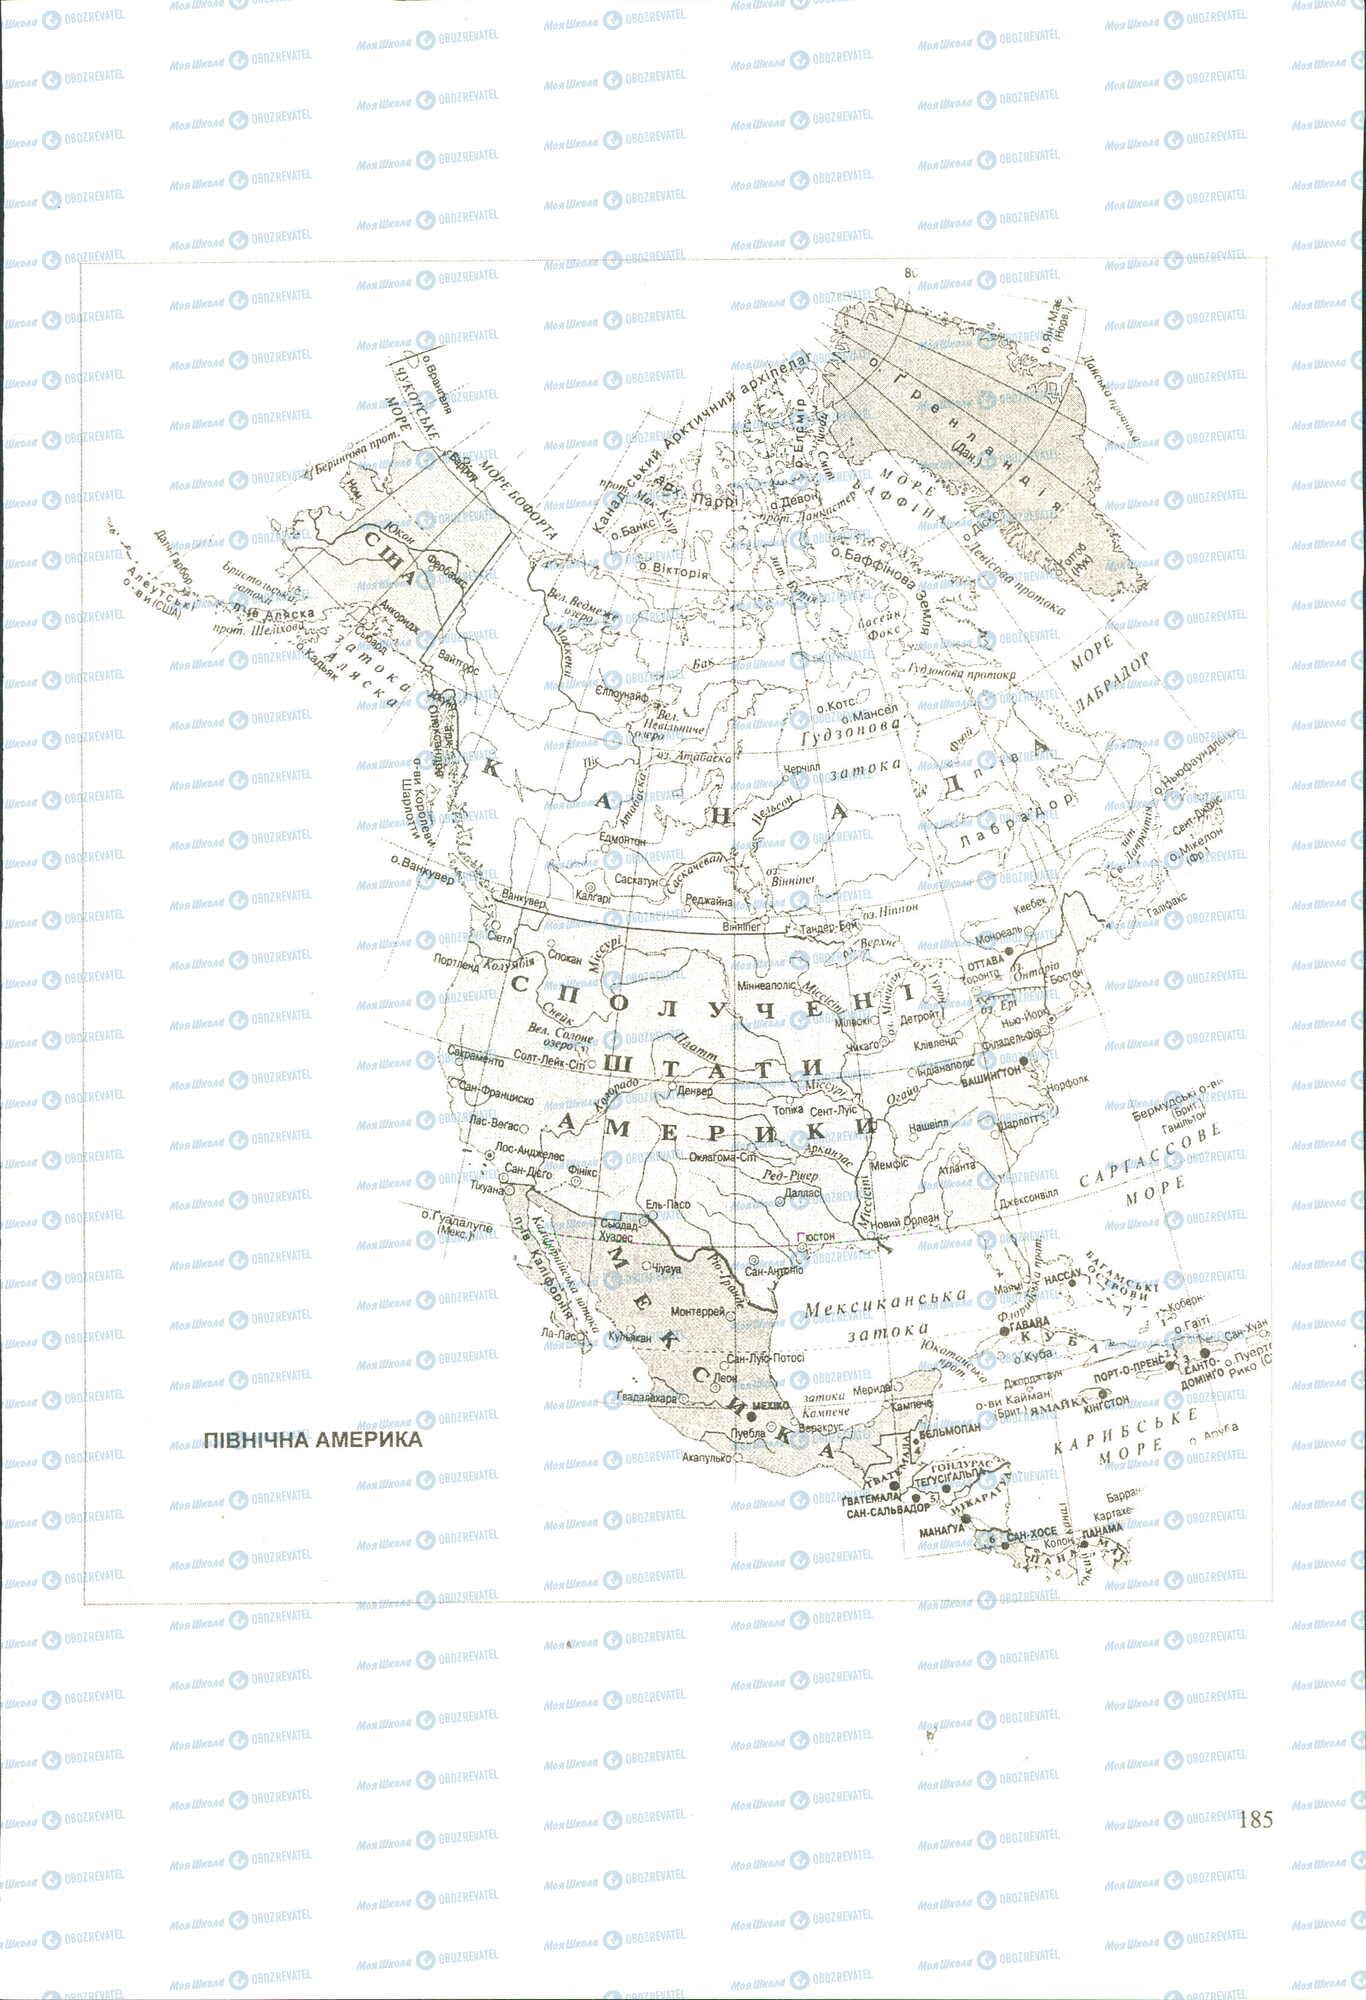 ЗНО География 11 класс страница image0000712A